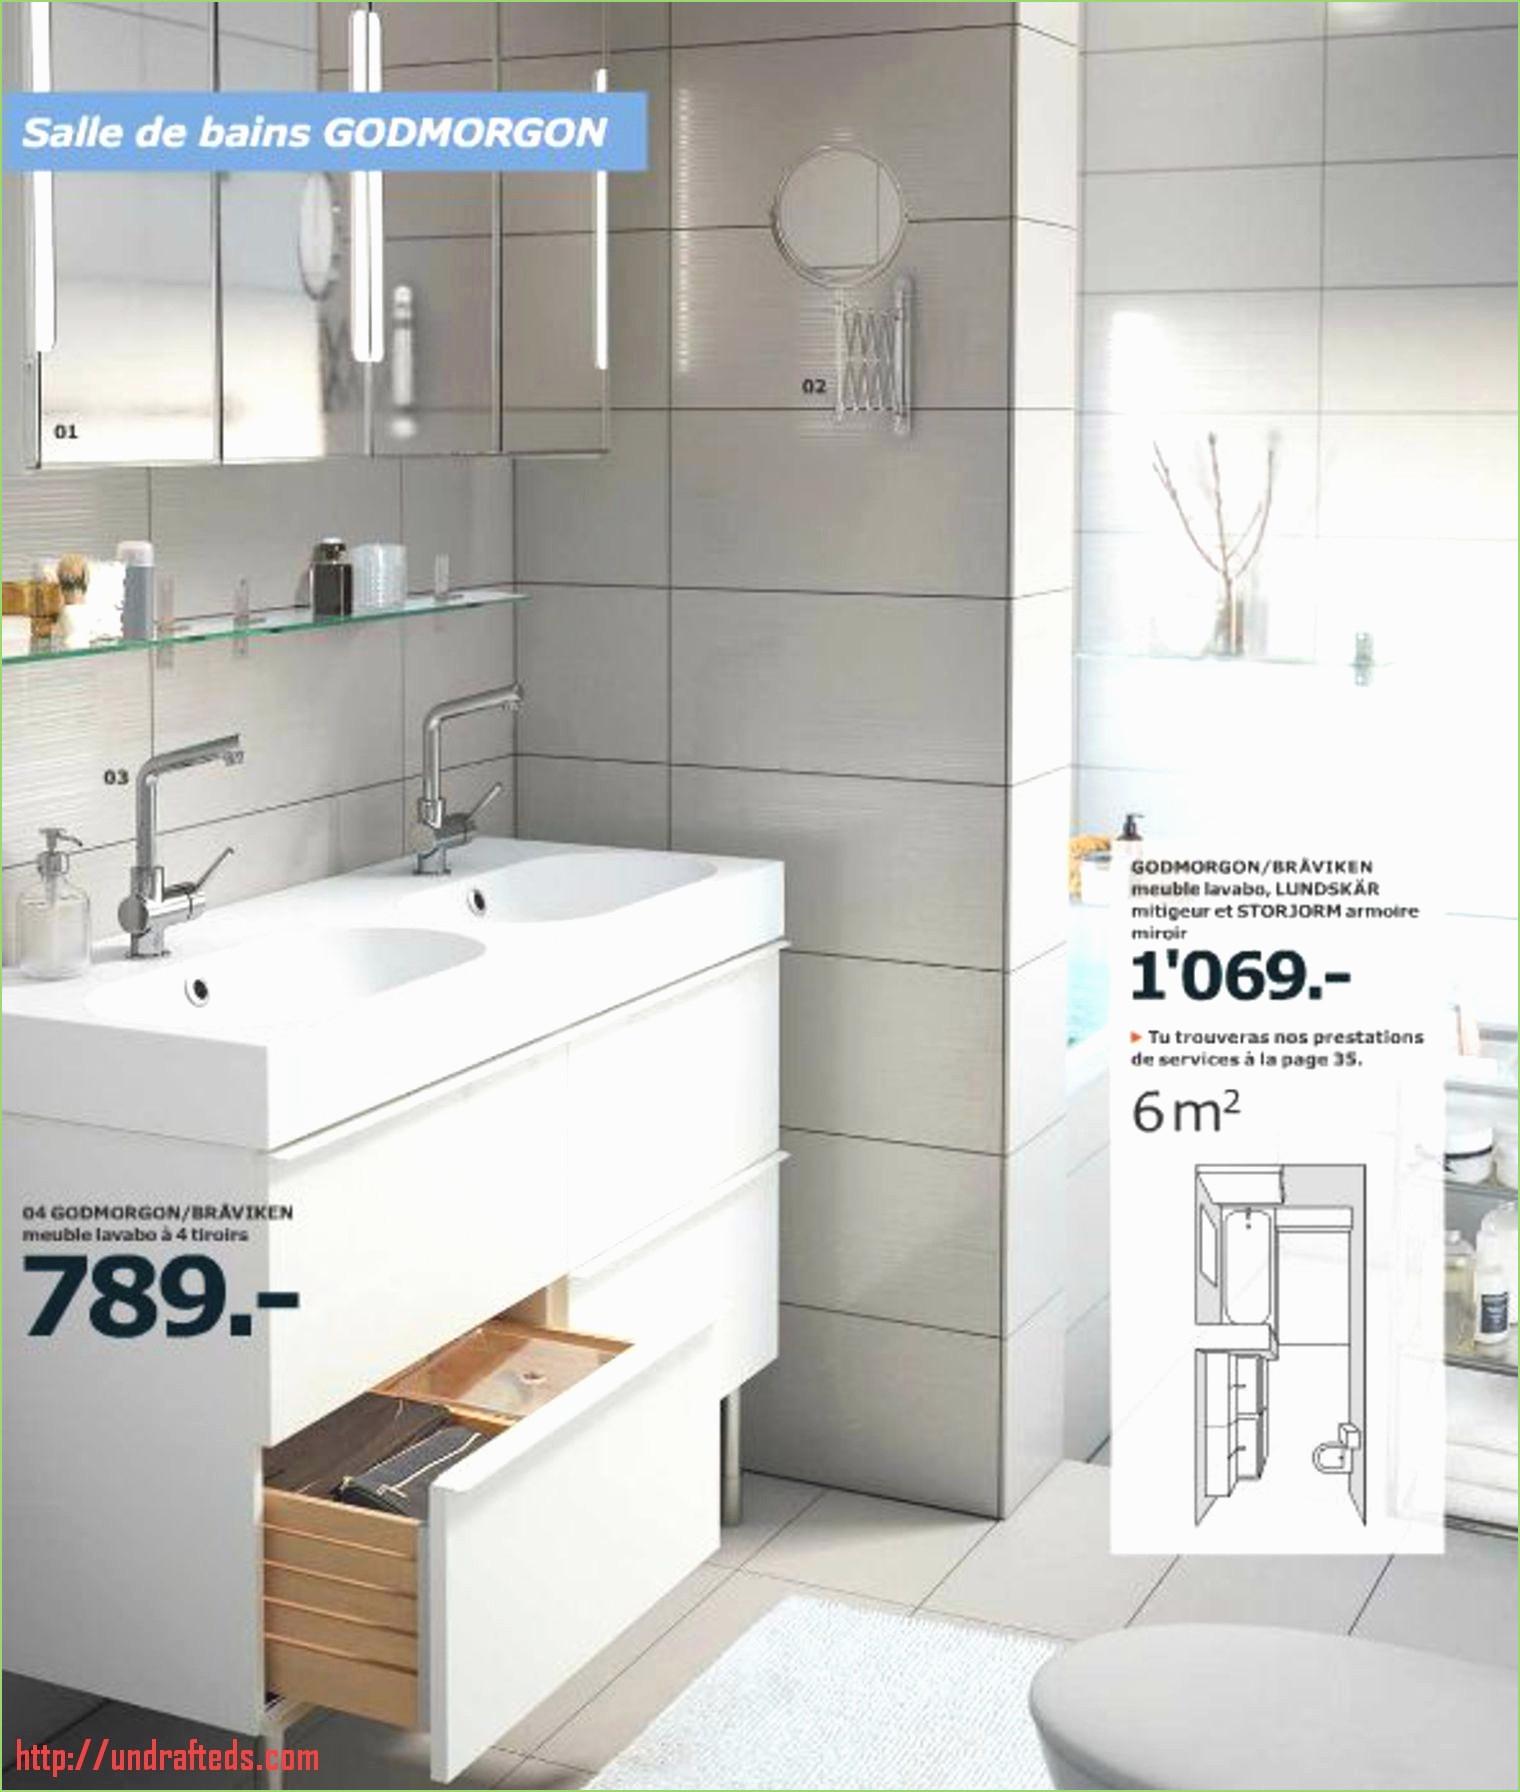 Configurateur Salle De Bain Ikea Meilleur De Galerie 20 Inspirant Lampe Salle De Bain Ikea Bain